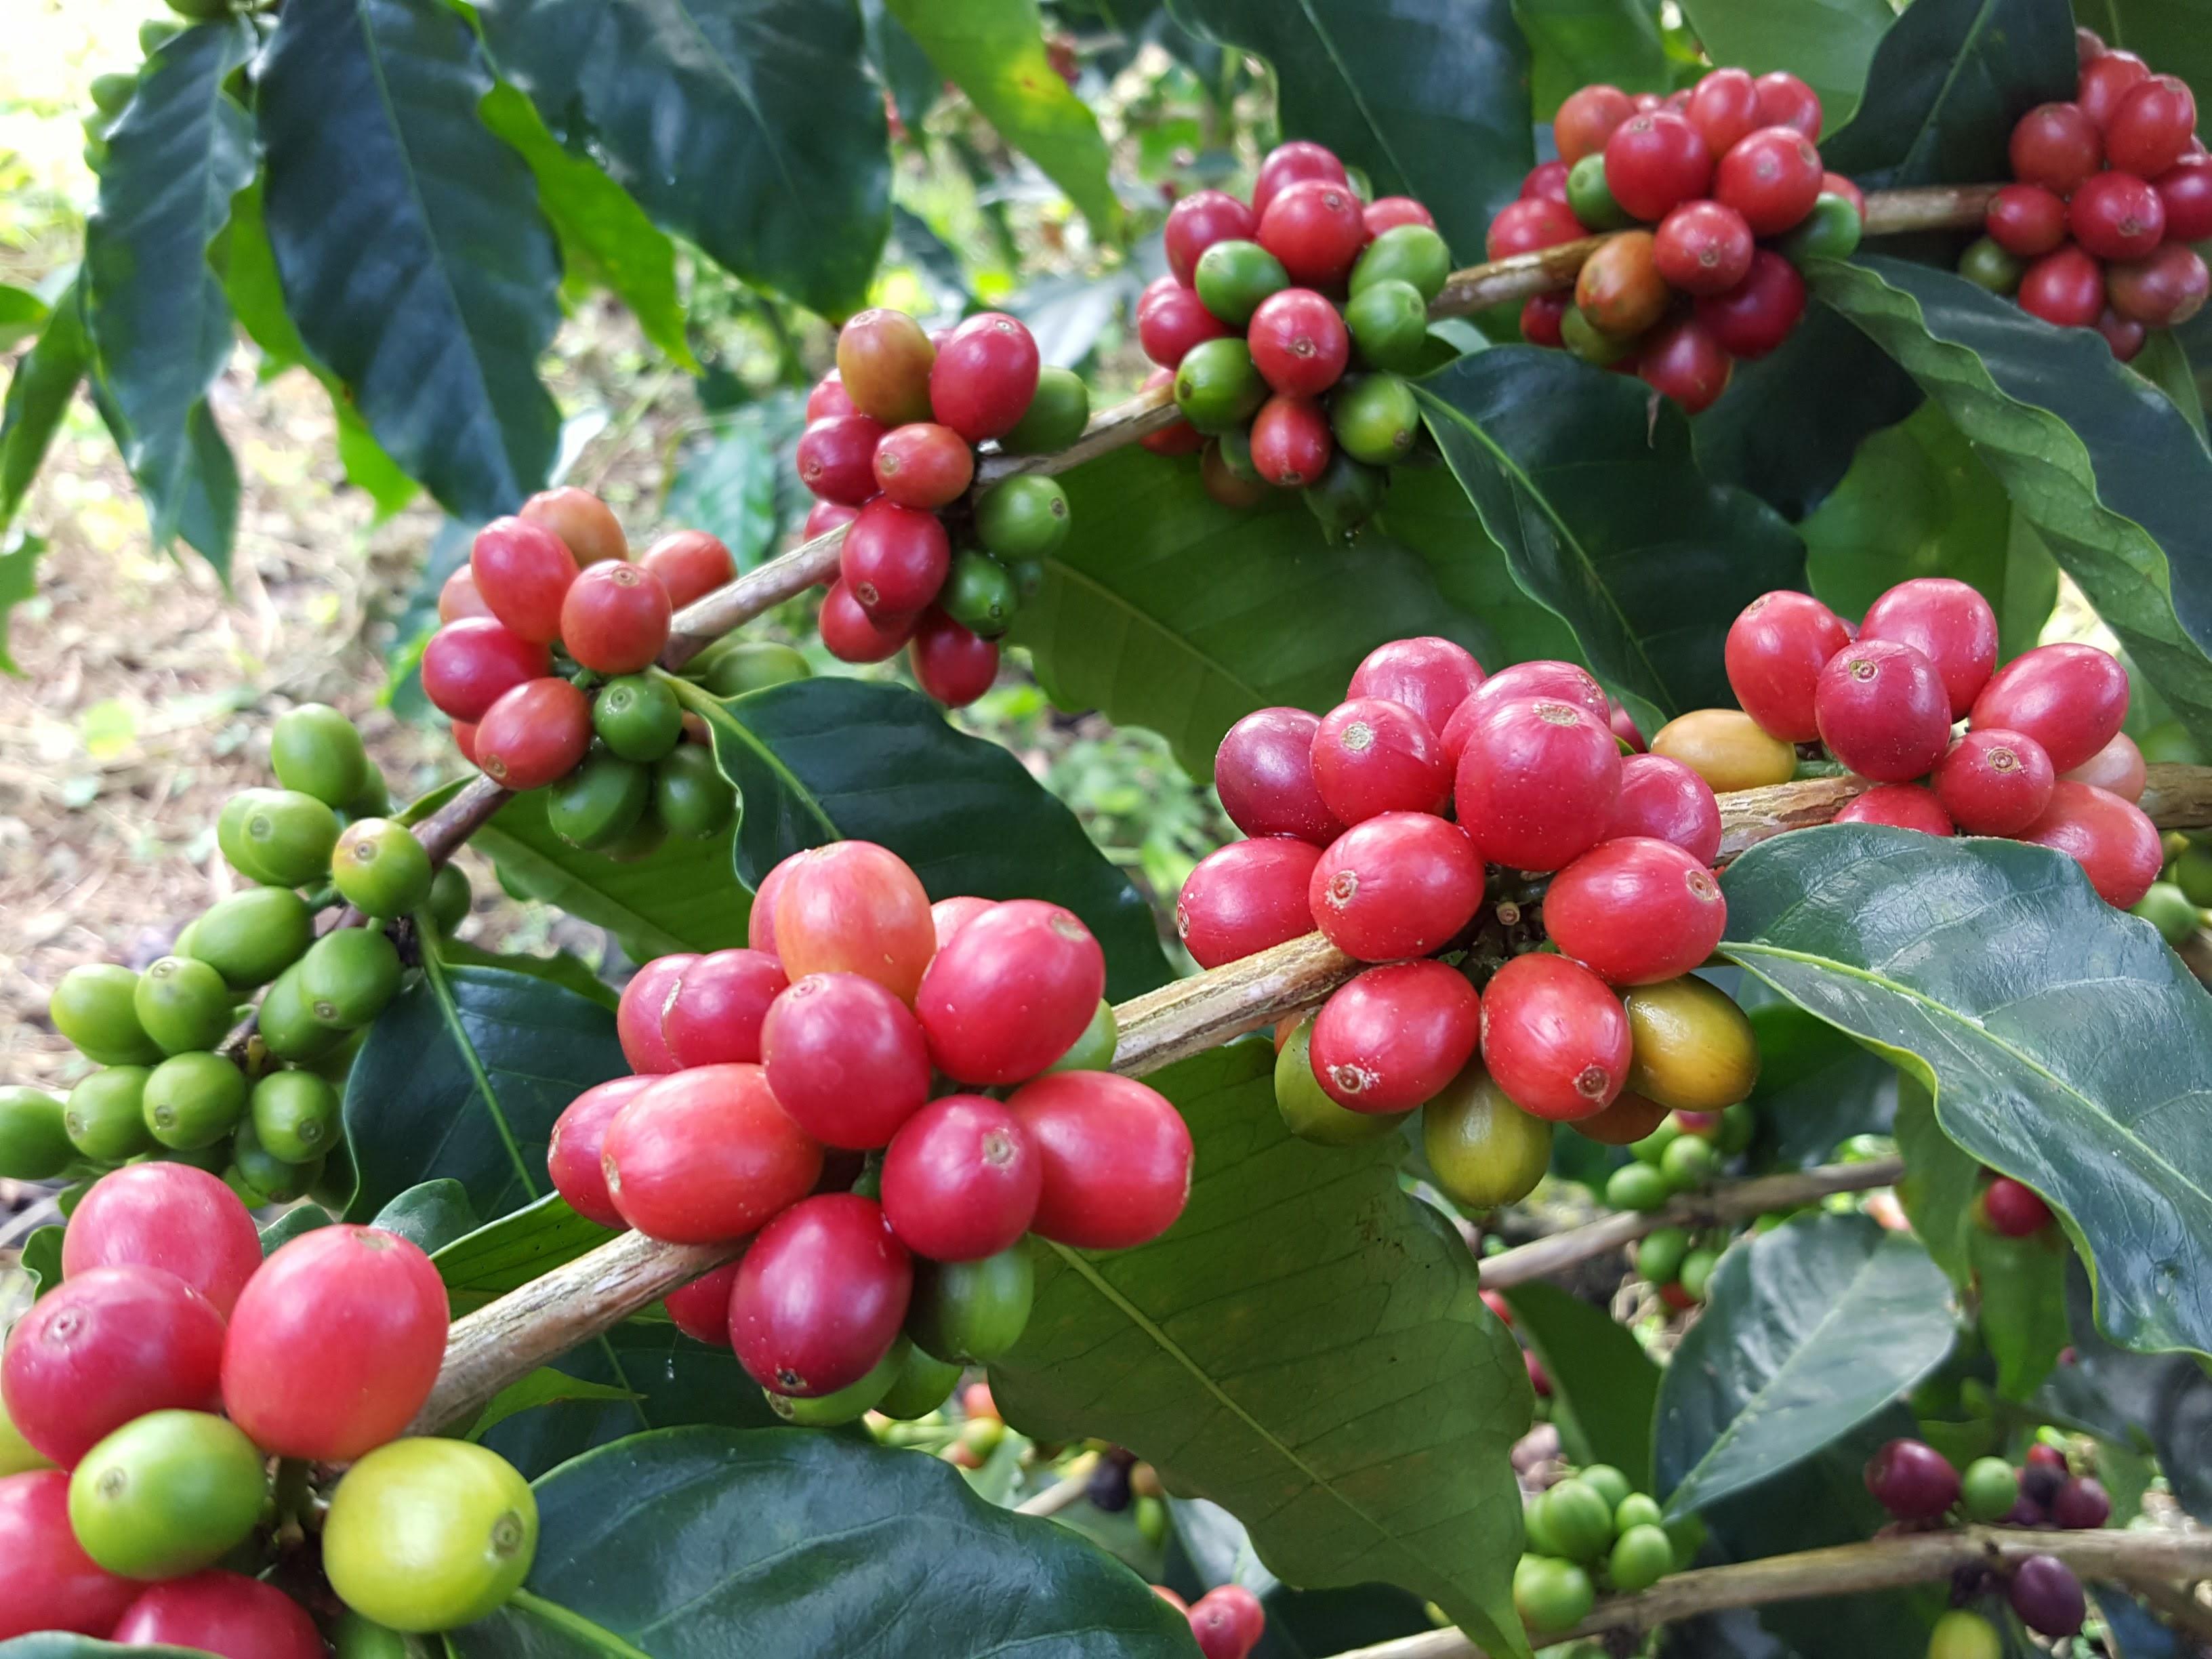 100 percent Kona Coffee